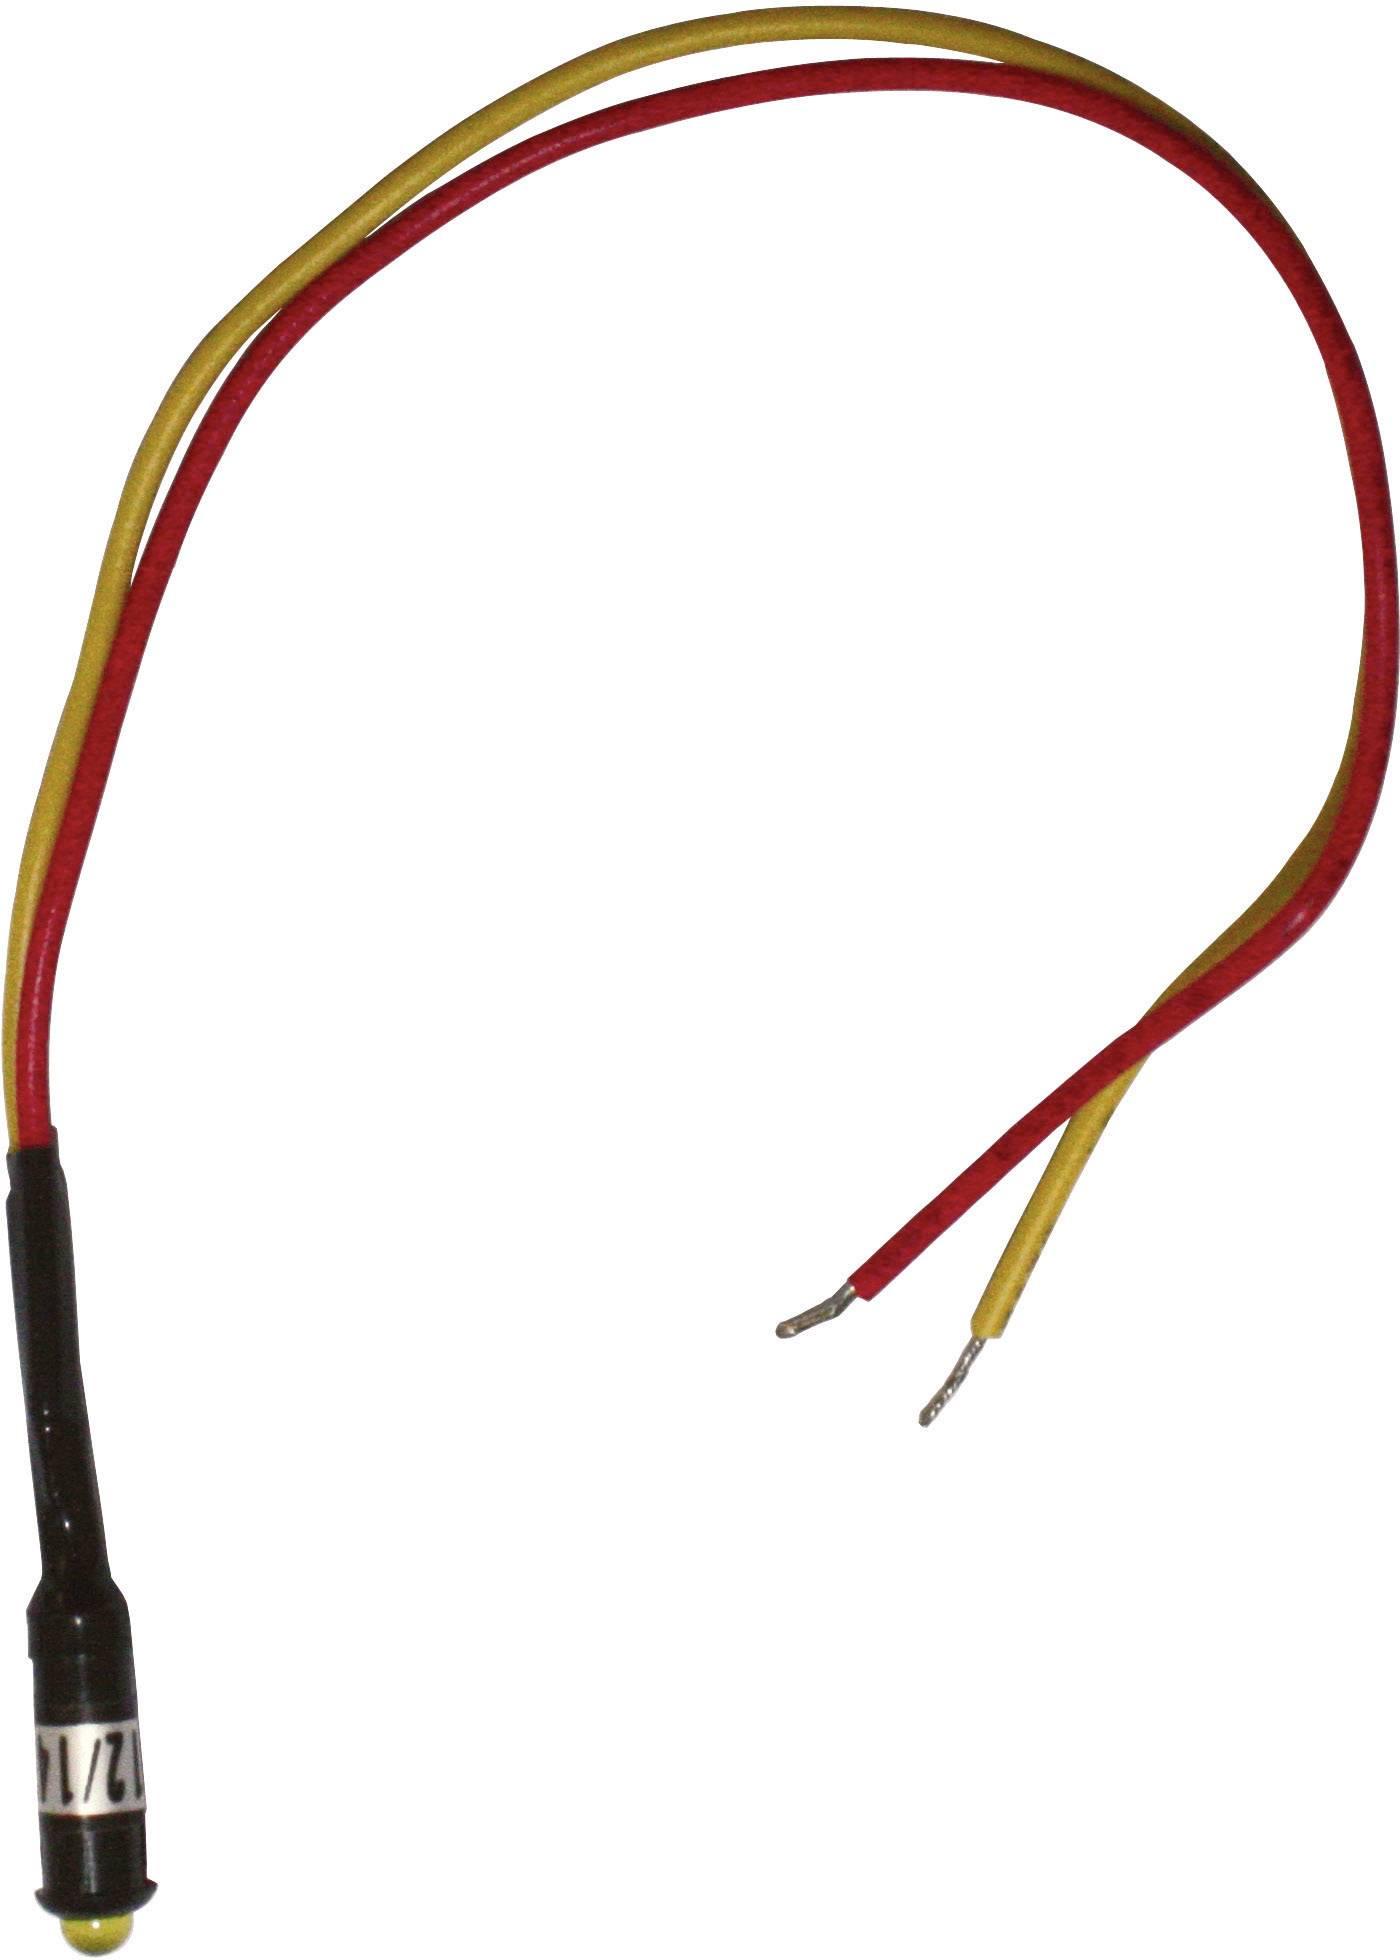 LED signálka Barthelme 52051412, 12 V/DC, žlutá